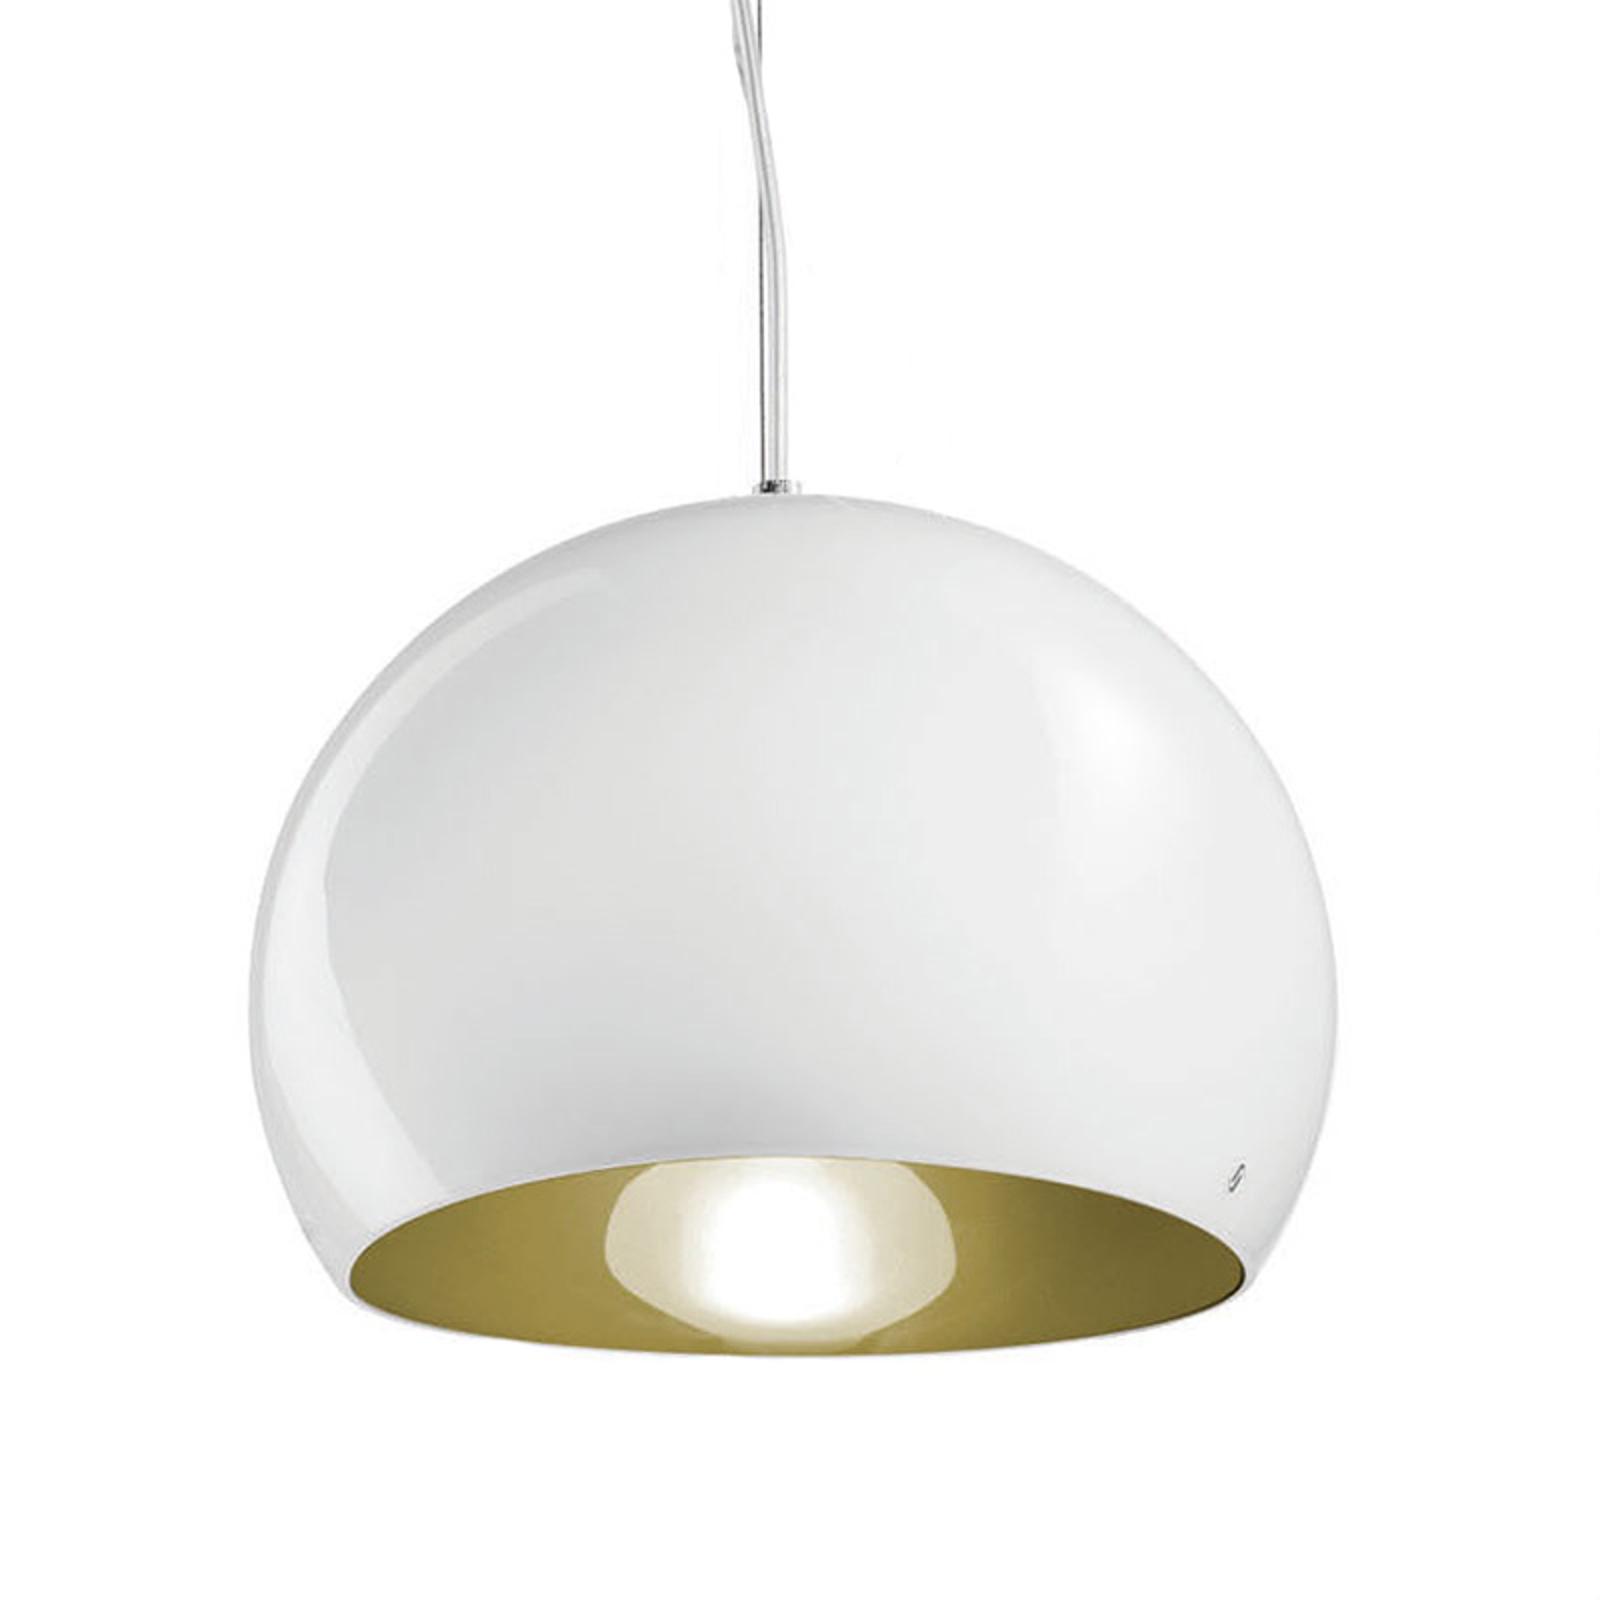 Suspension Surface Ø 27cm, E27 blanc/vieux vert